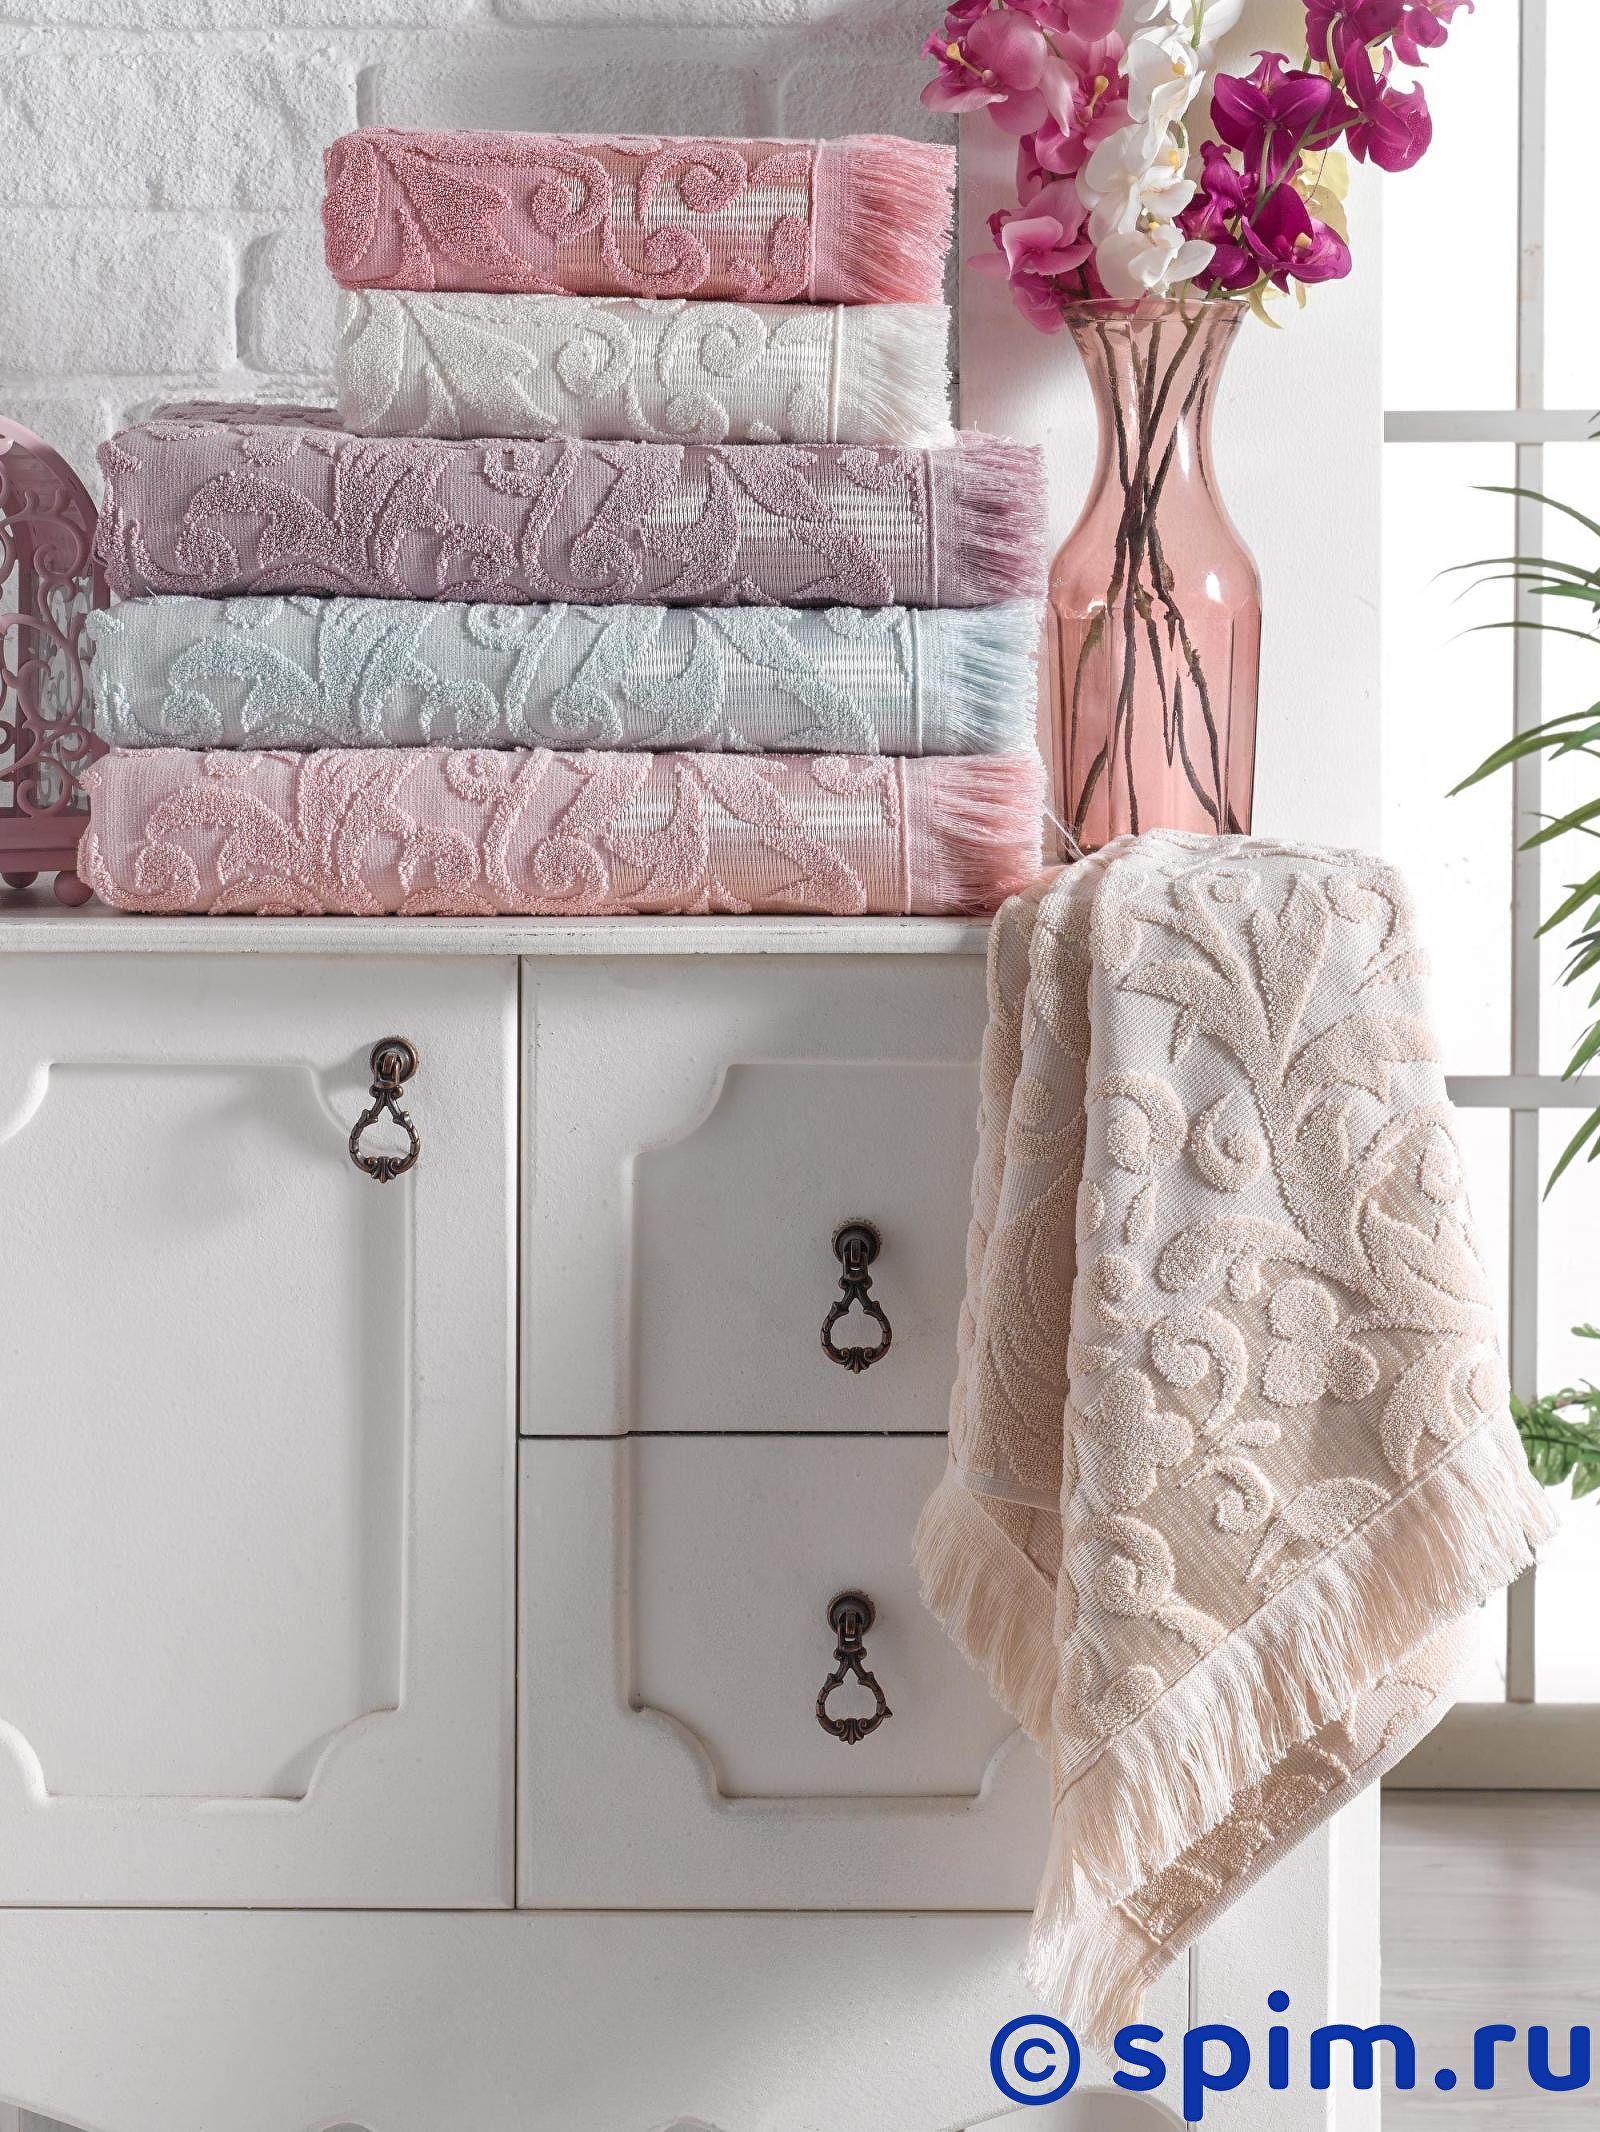 Полотенце Do&co Amazon 70х140 см (6 шт.) полотенце do